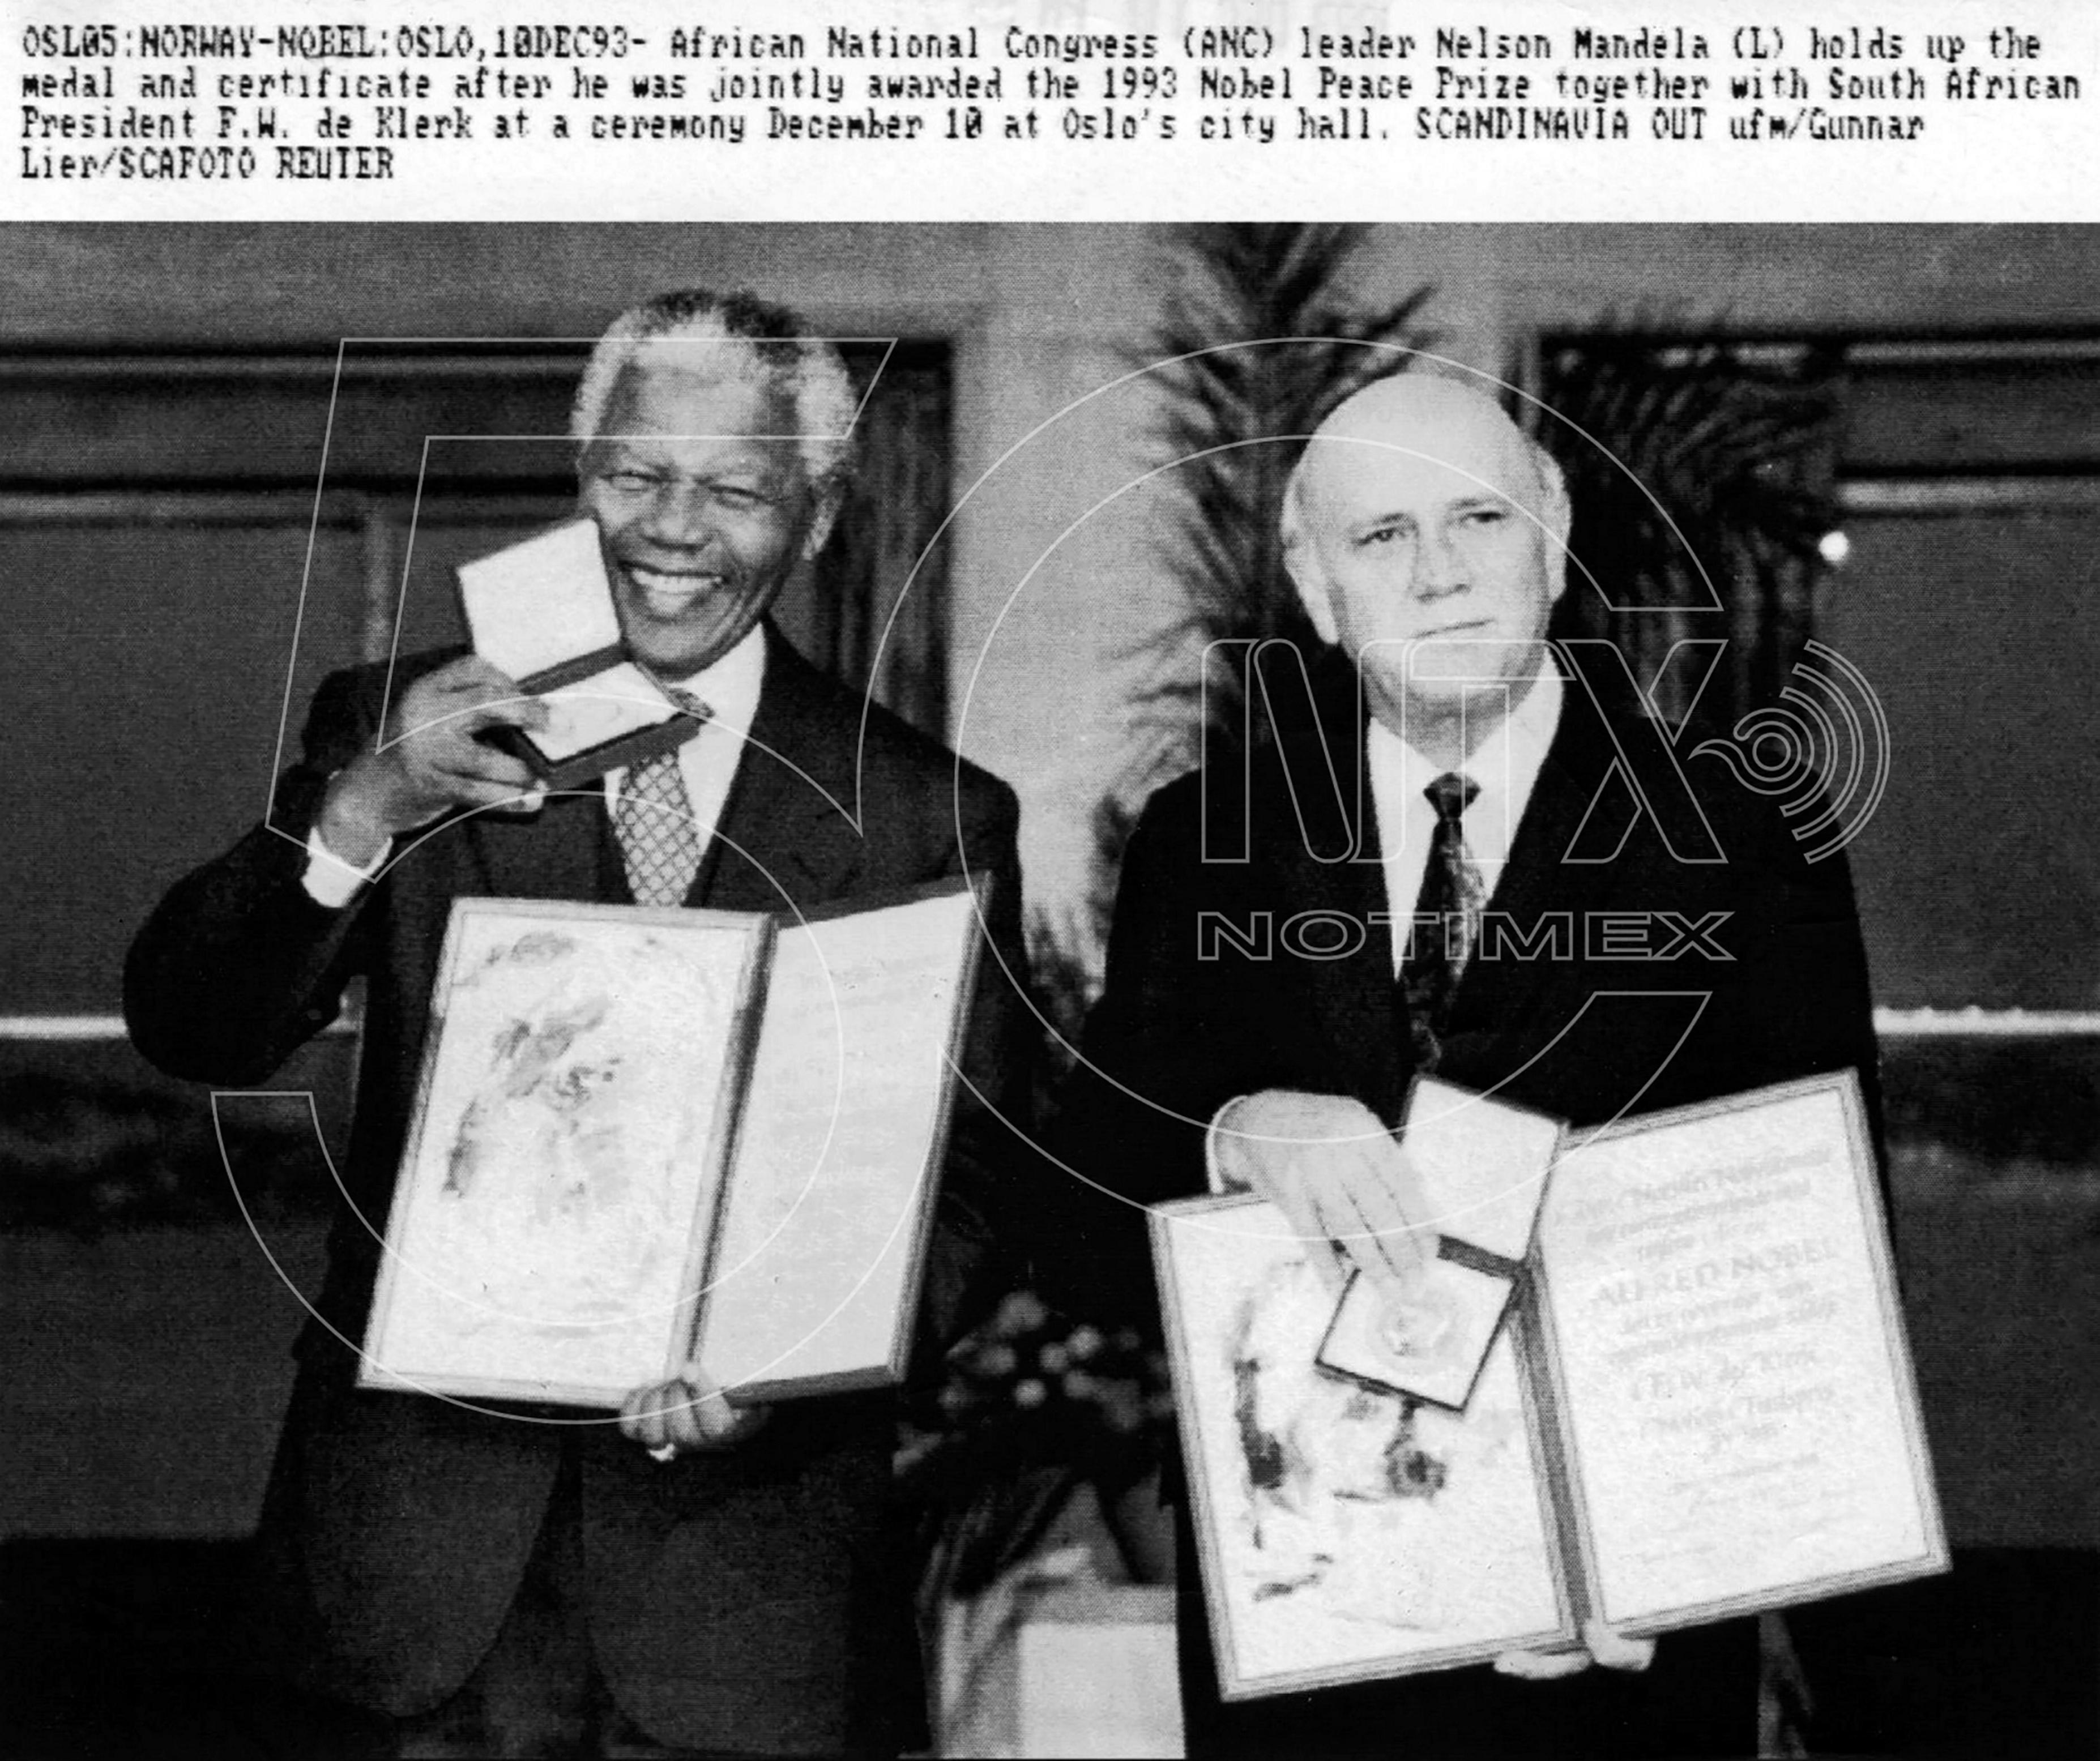 Mandela e o presidente Frederic de Klerk recebem o Prêmio Nobel da Paz, em 1993, pelo trabalho de reconciliação e o fim do apartheid (Foto Notimex/foto/fototeca histórica/El Nacional